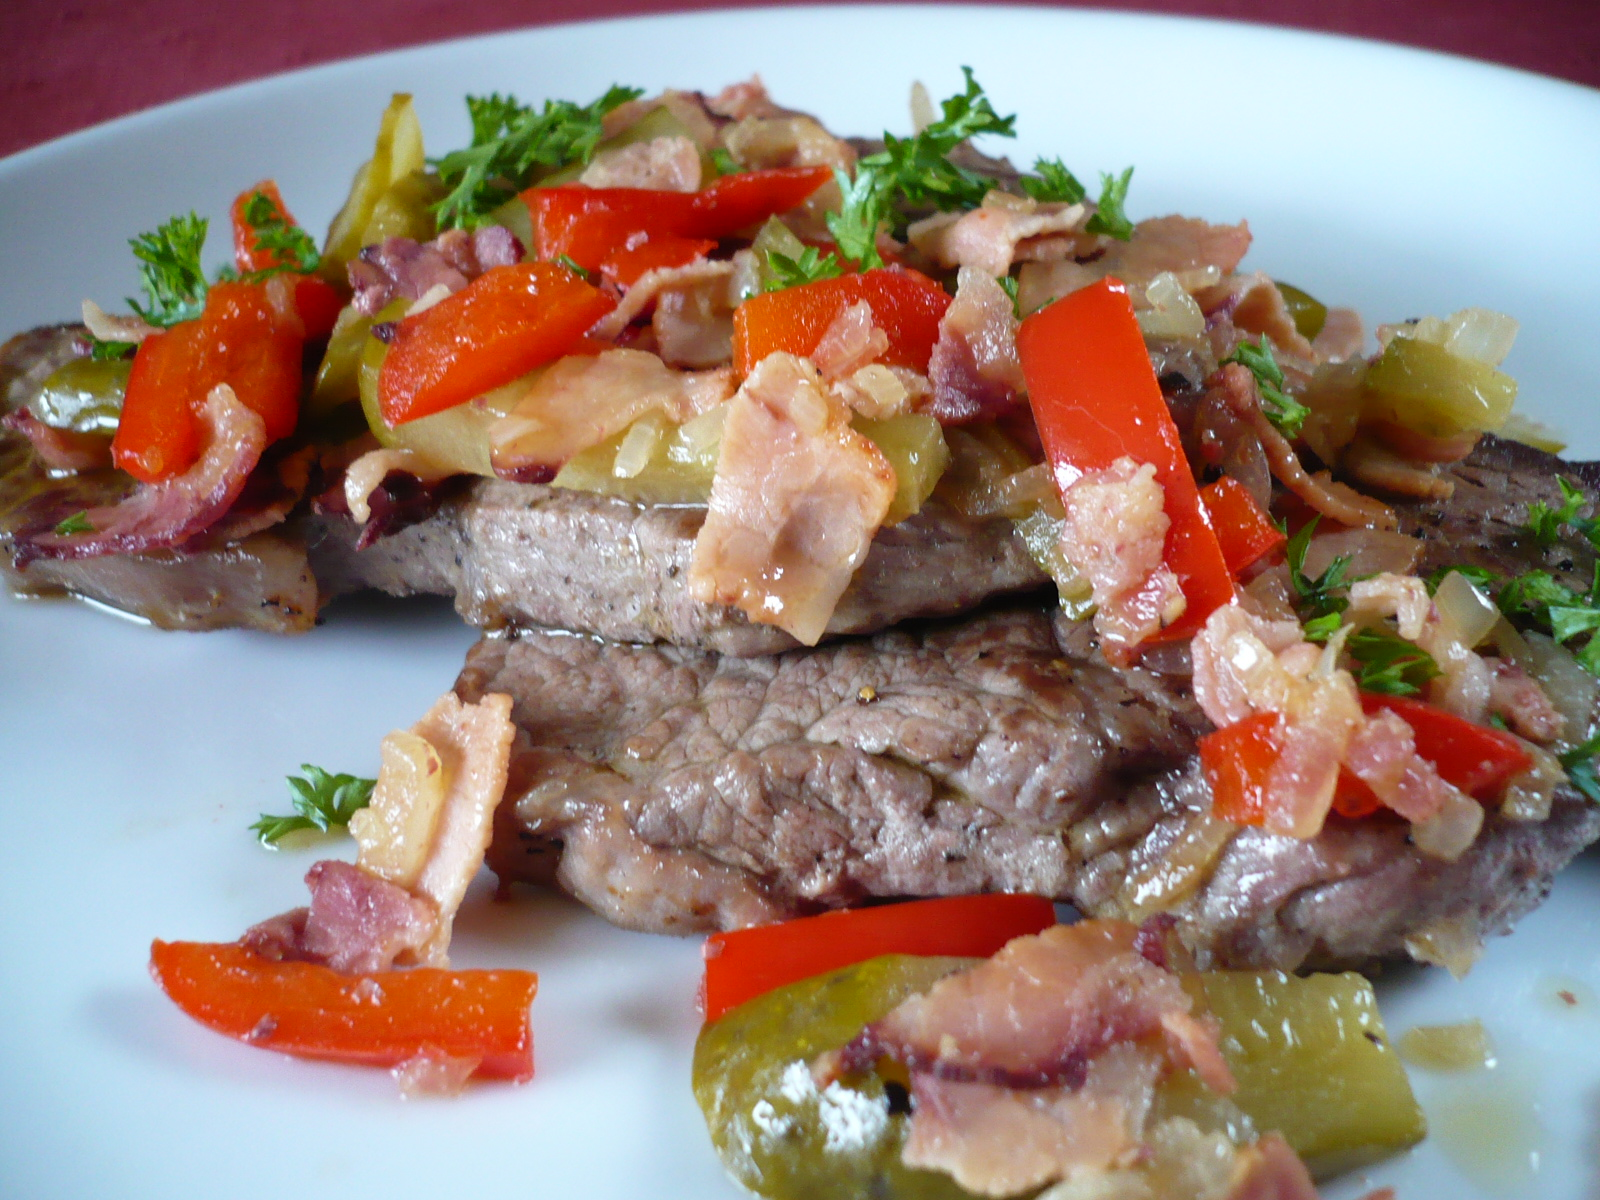 Fotografie receptu: Hovězí roštěná se slaninou